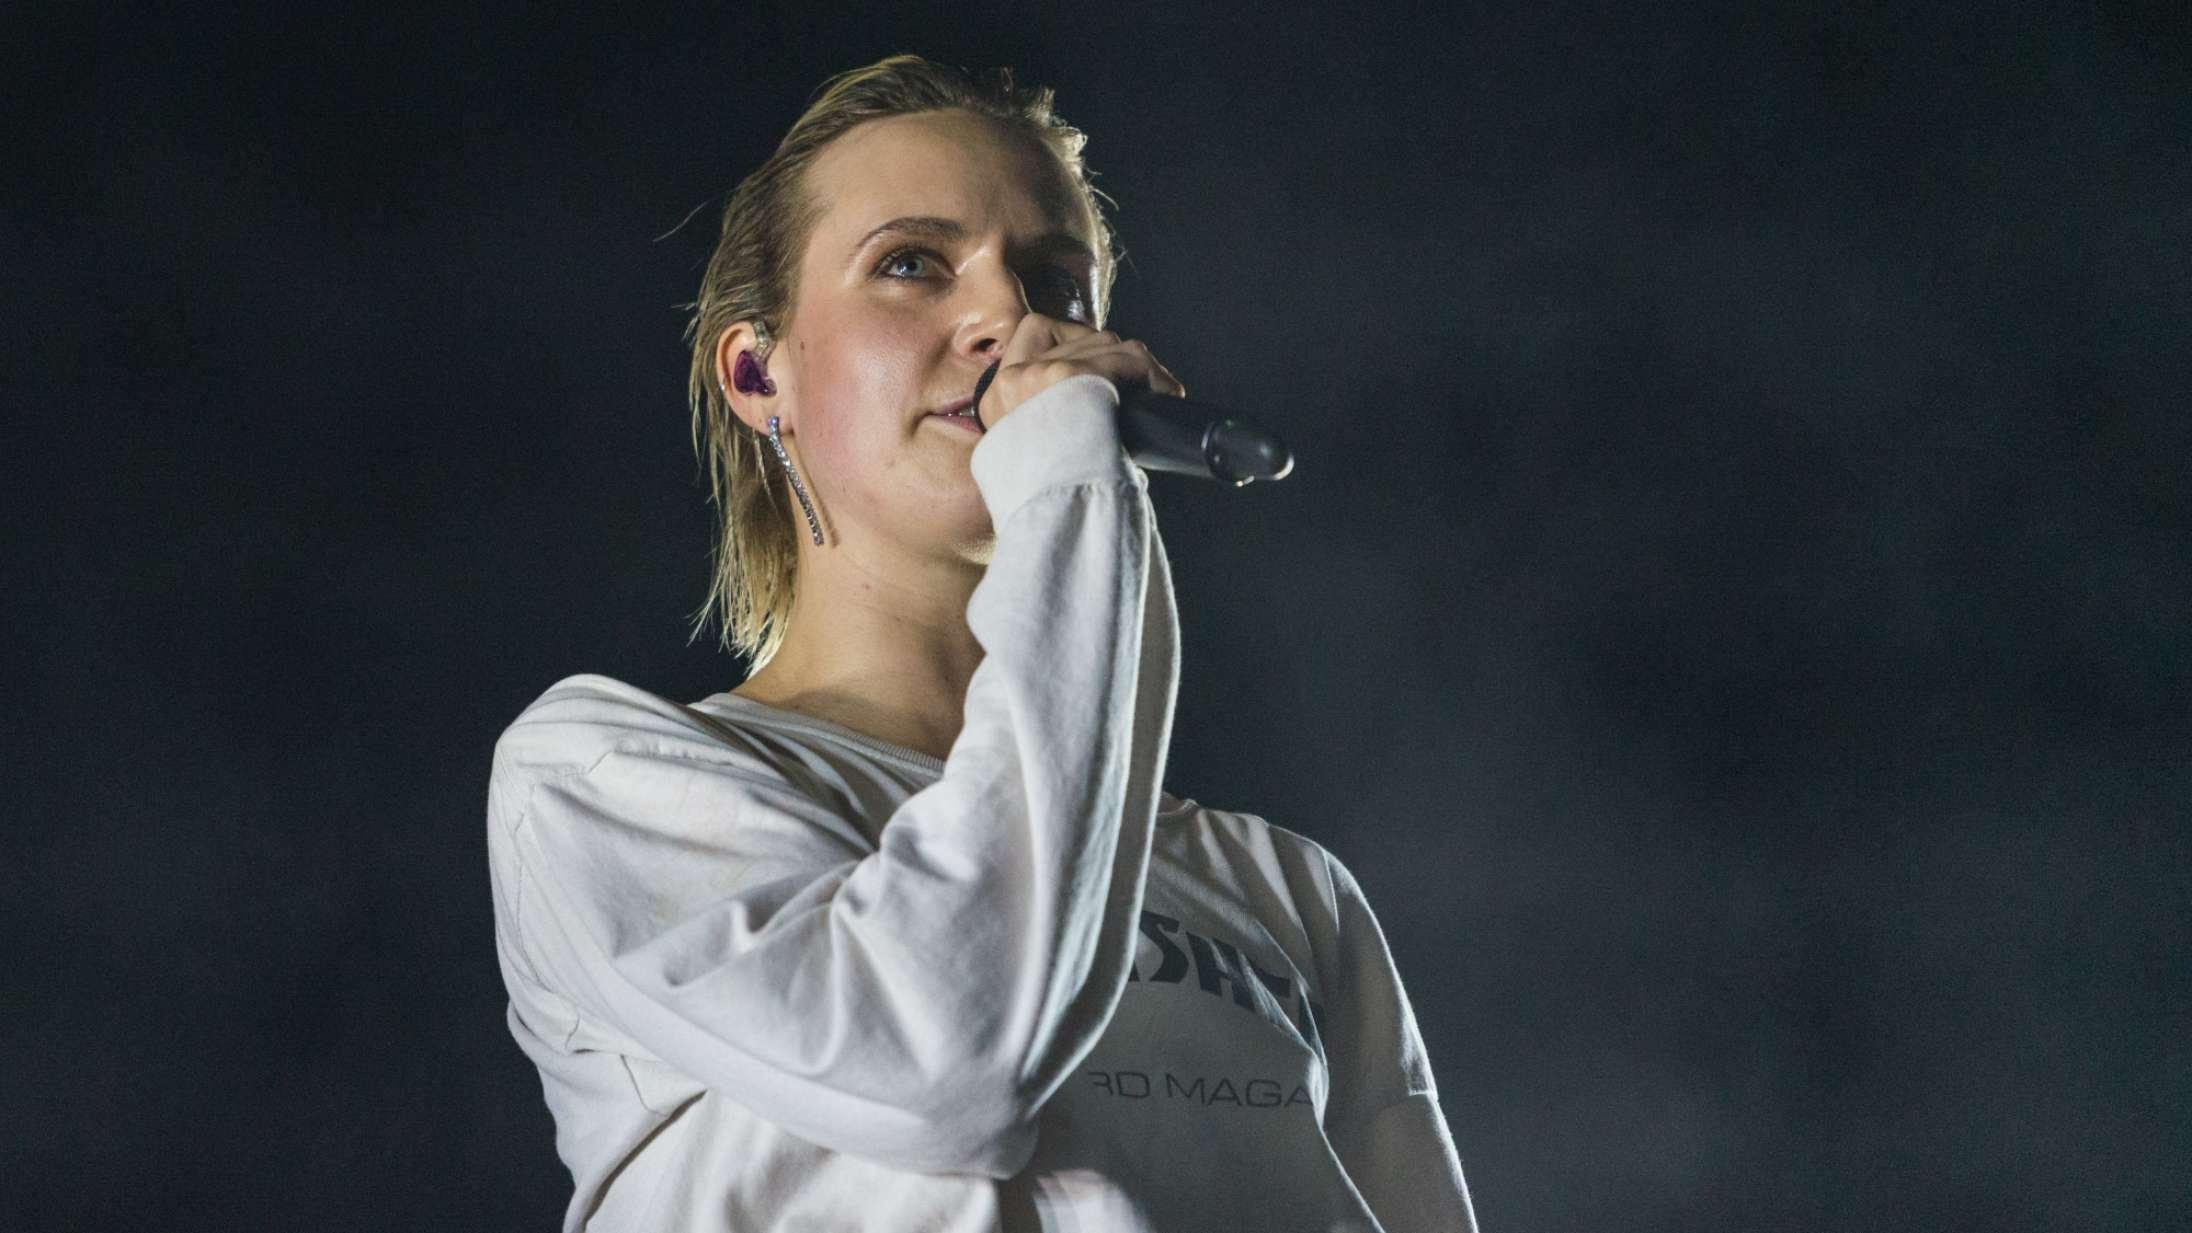 Youtube udtaler sig om blokering af dansk musik: »Vores største ønske er at nå frem til en aftale«